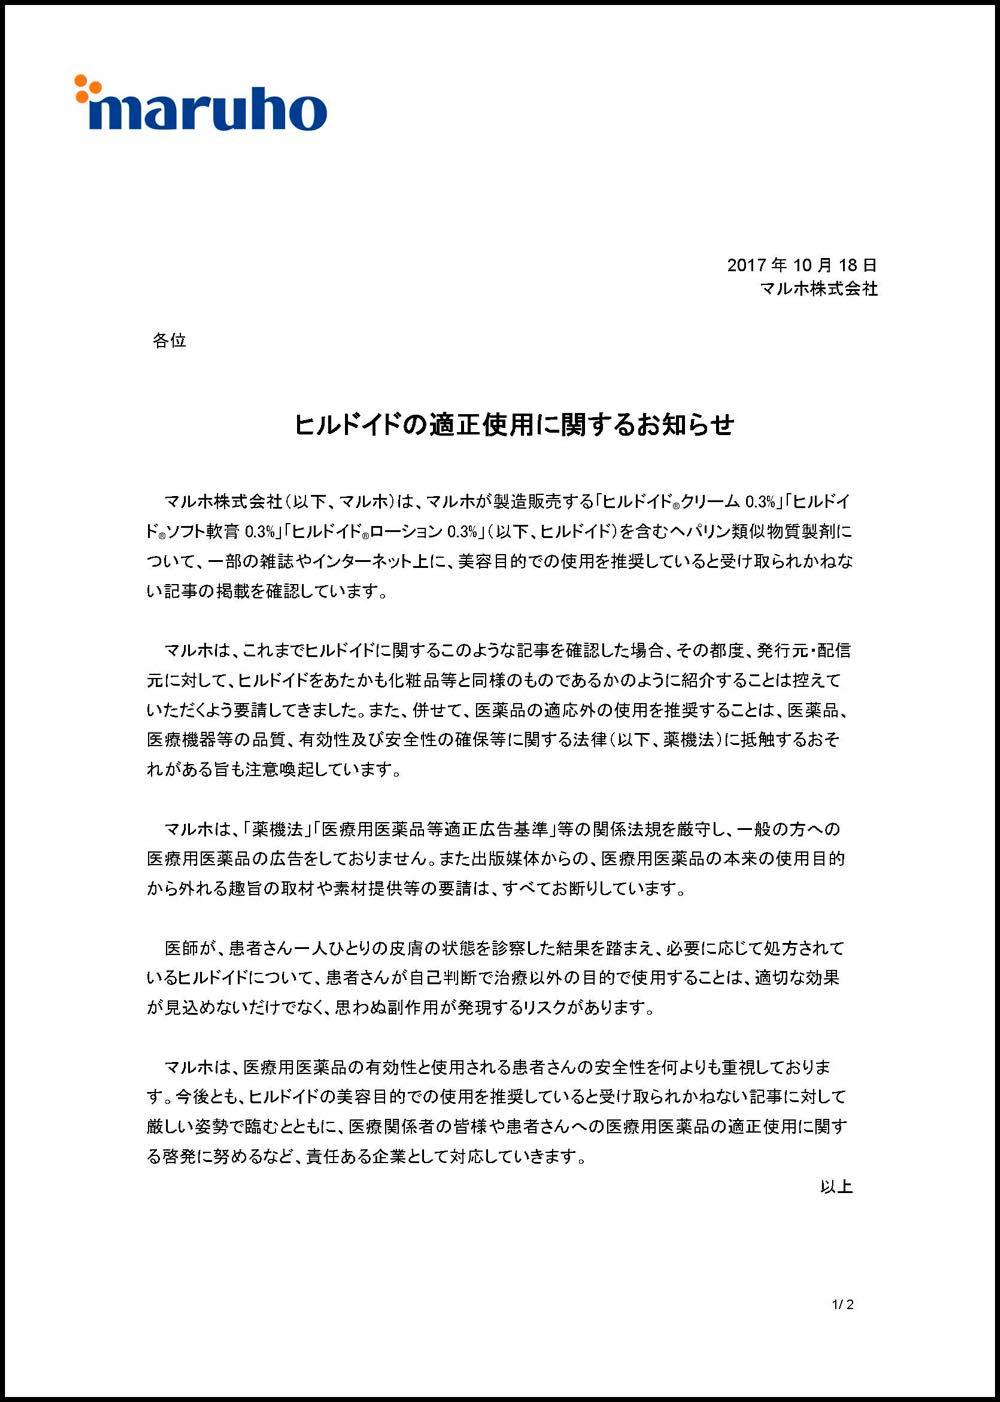 th_3-製薬会社の声明文_ページ_1 futi